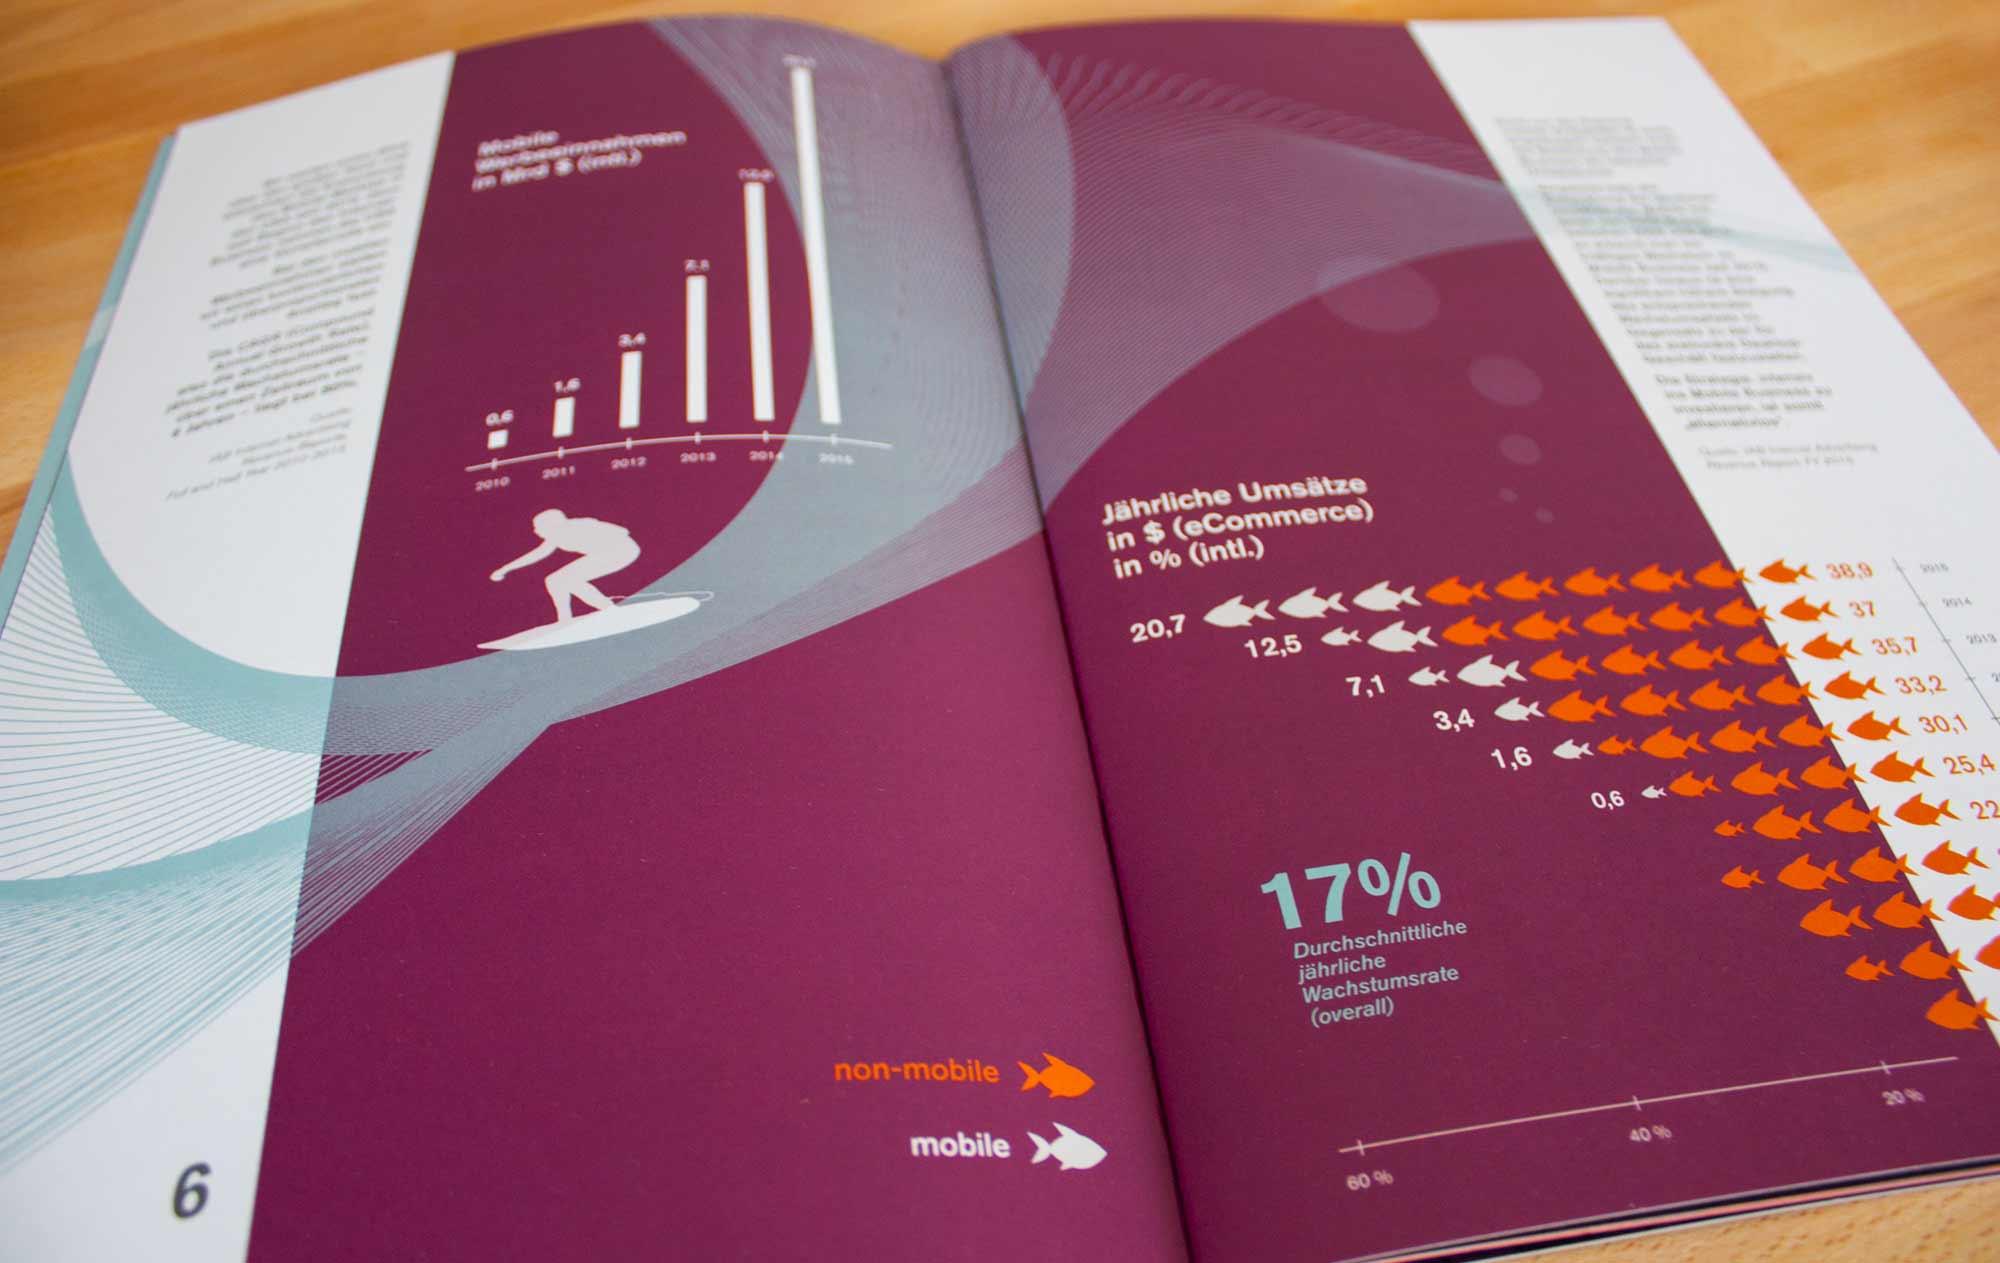 Innenseite mit Infografik Surfer, affilinet Mobile Navigator